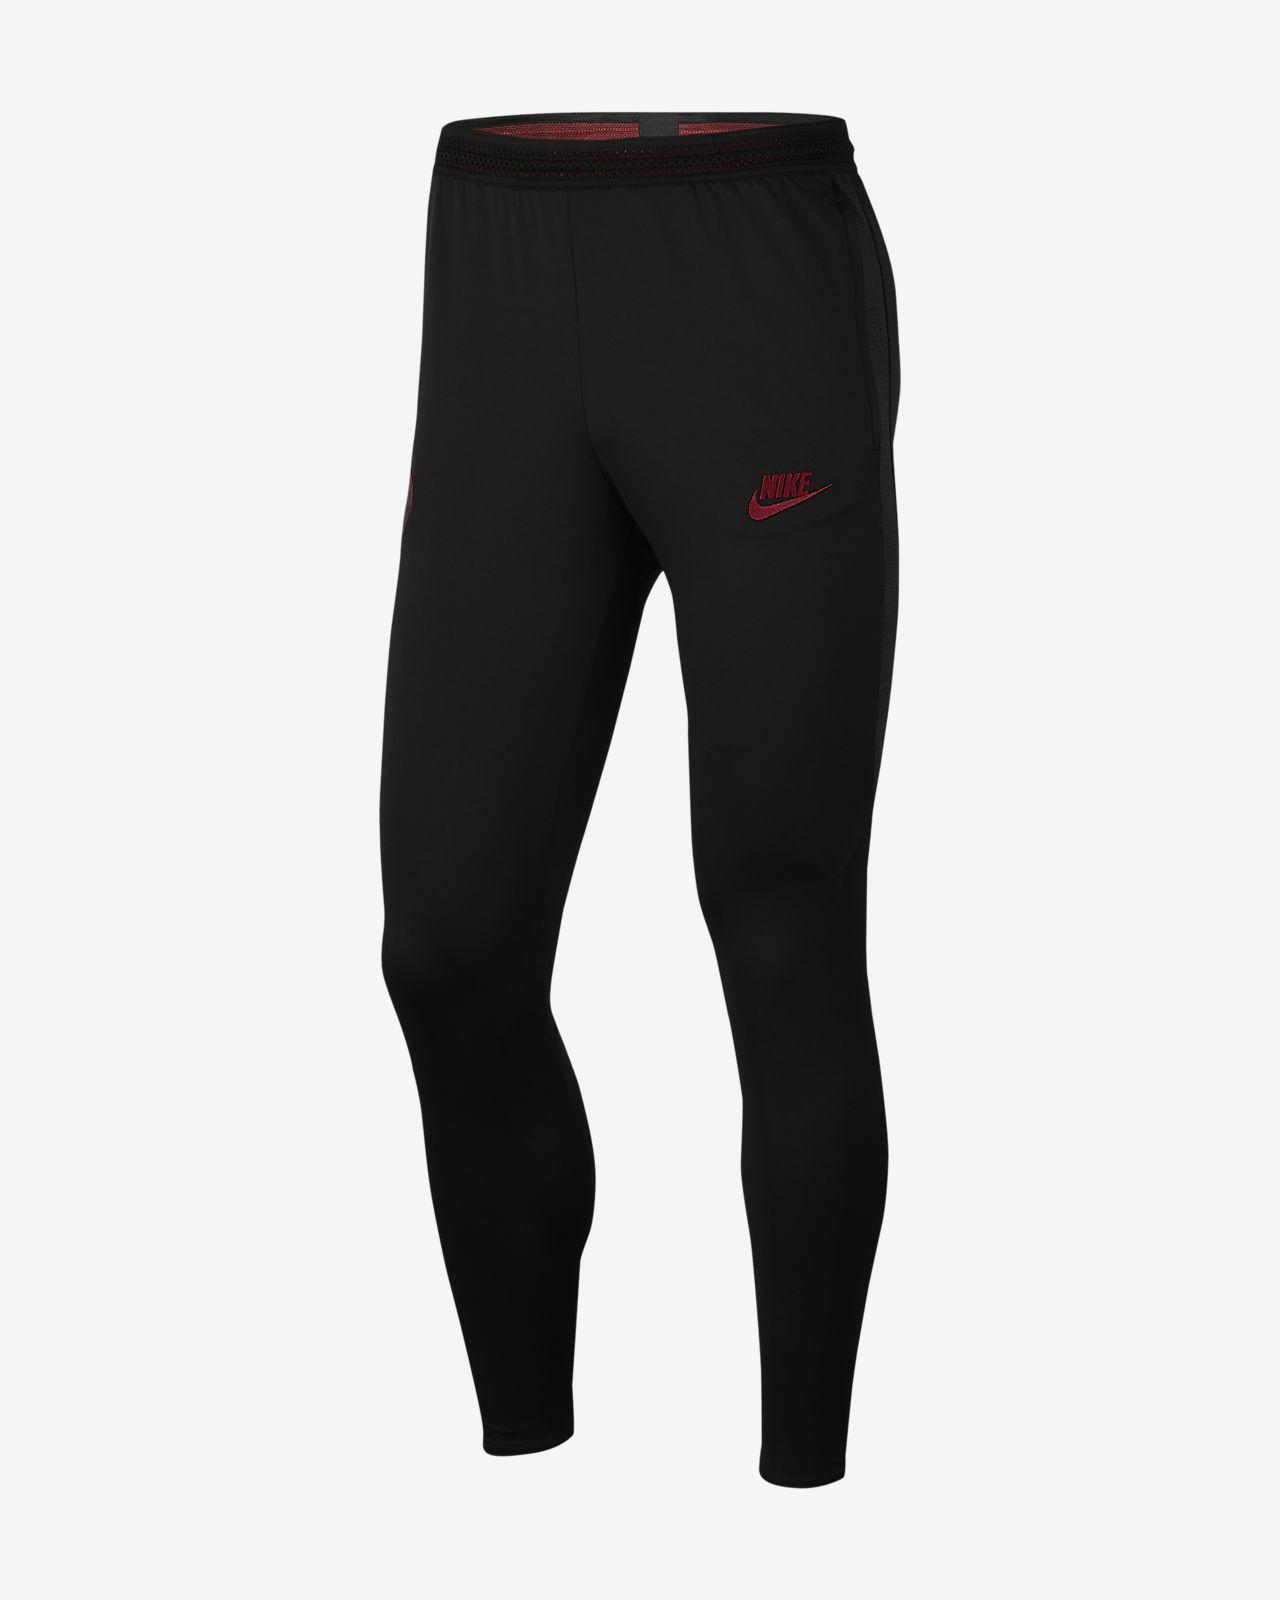 Męskie spodnie piłkarskie Nike Dri-FIT A.S. Roma Strike